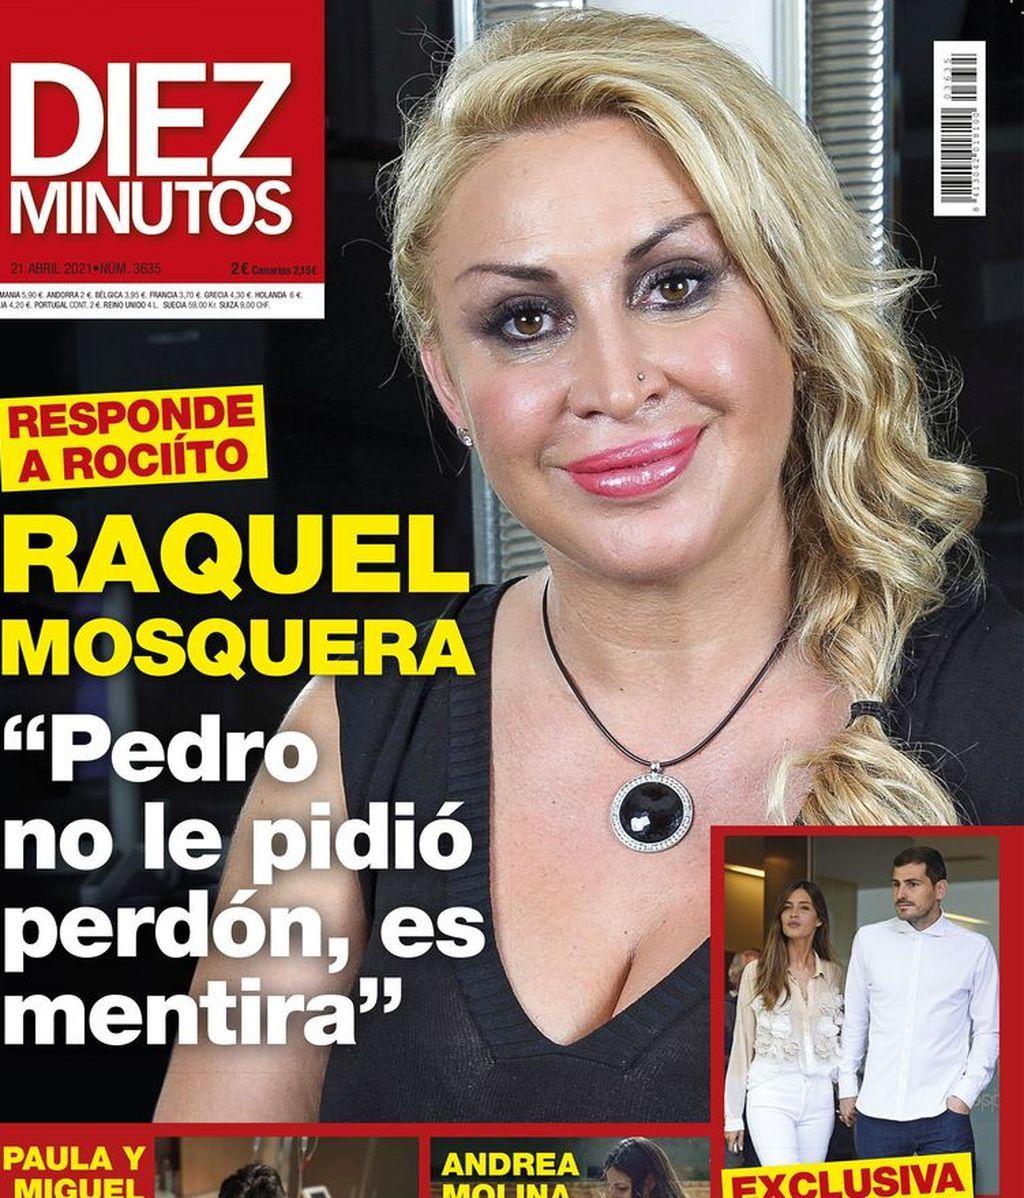 portadadiezminutosraquelmosquera-1618322312